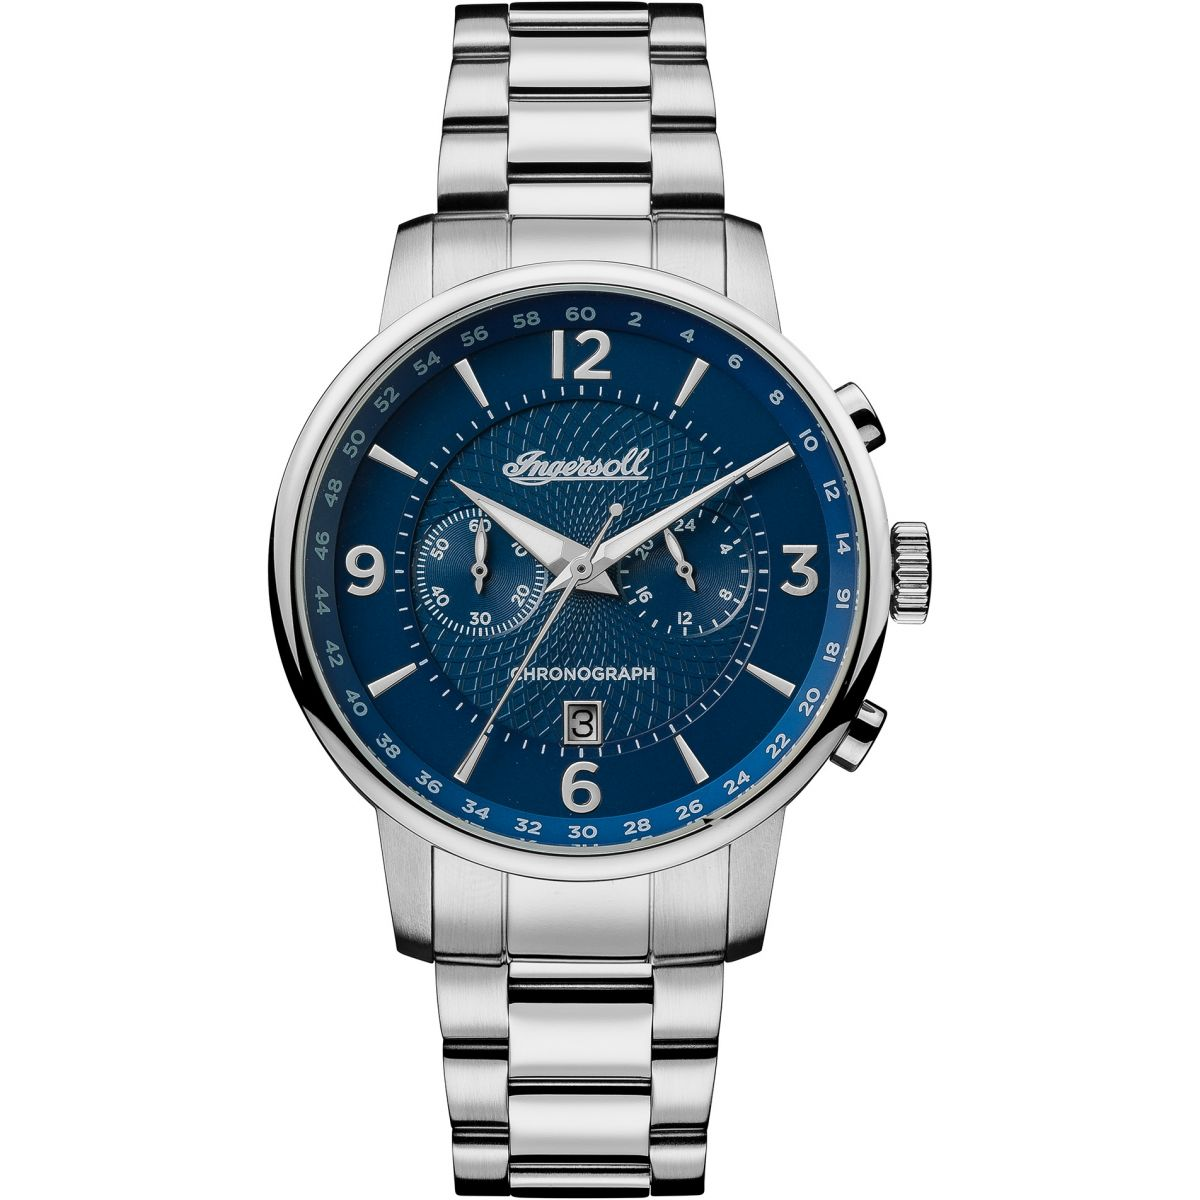 Herren ingersoll the grafton chronograf uhren i00604 for The grafton